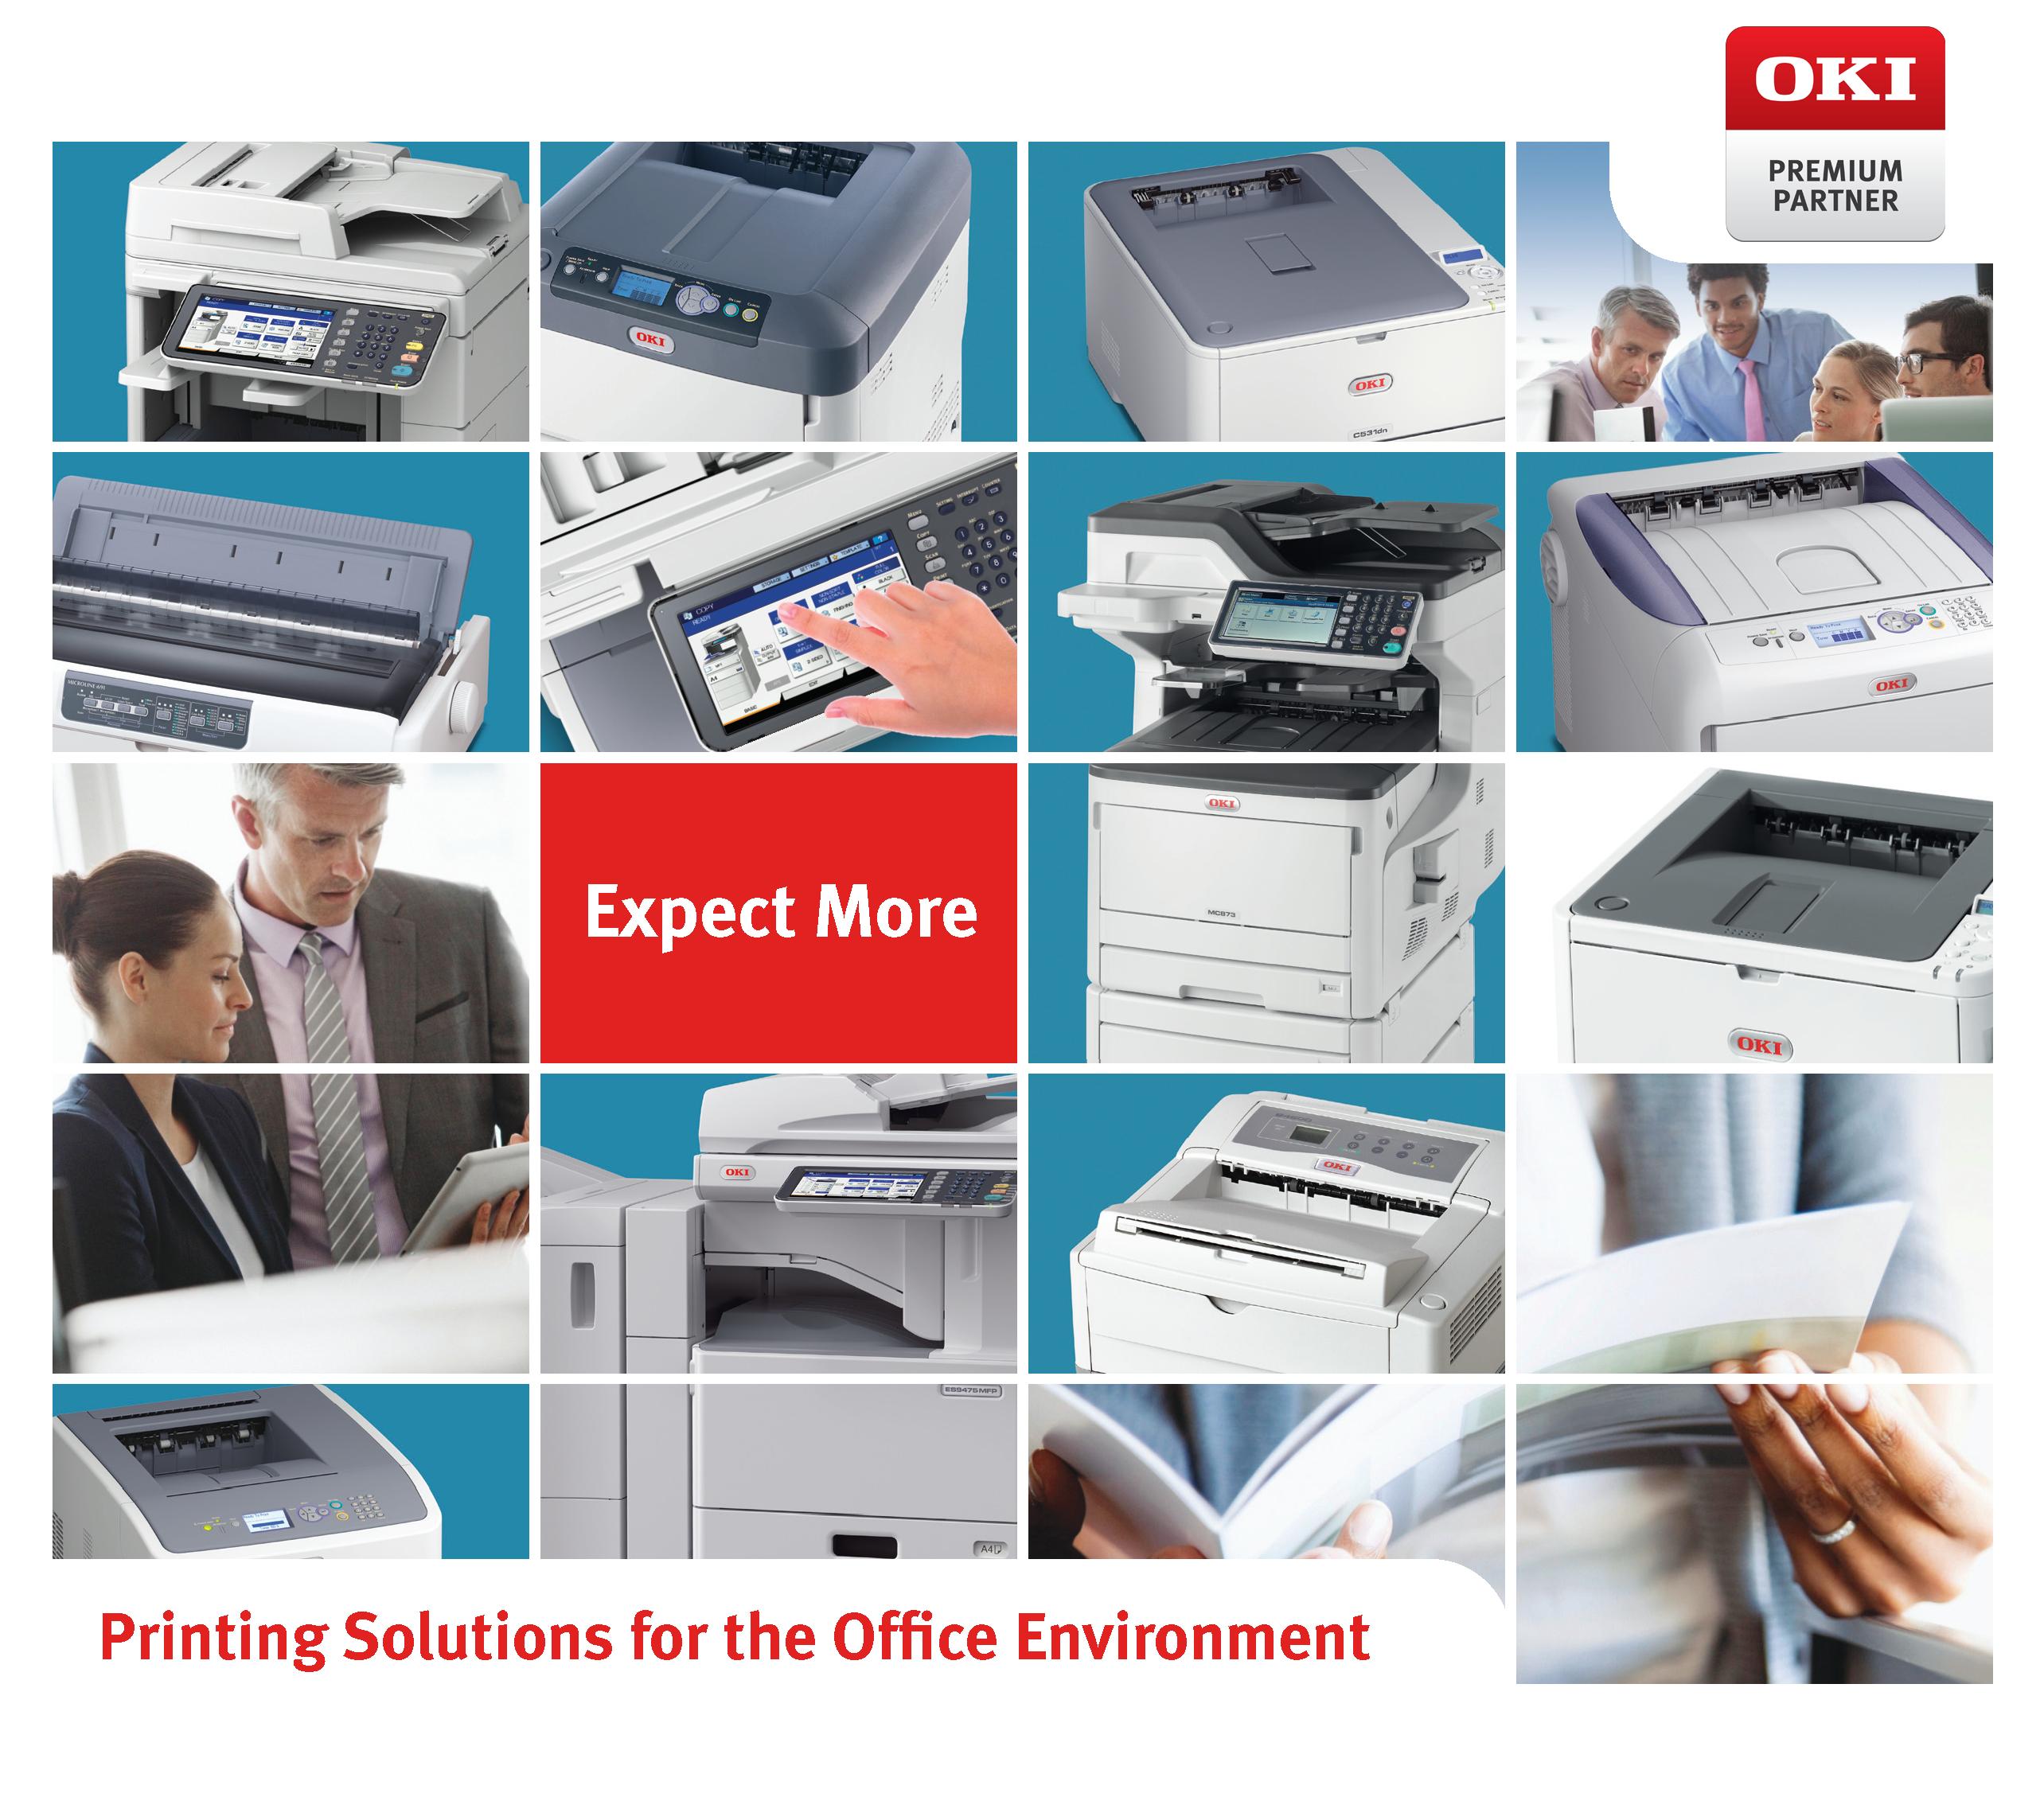 OKI MFPs & Printers